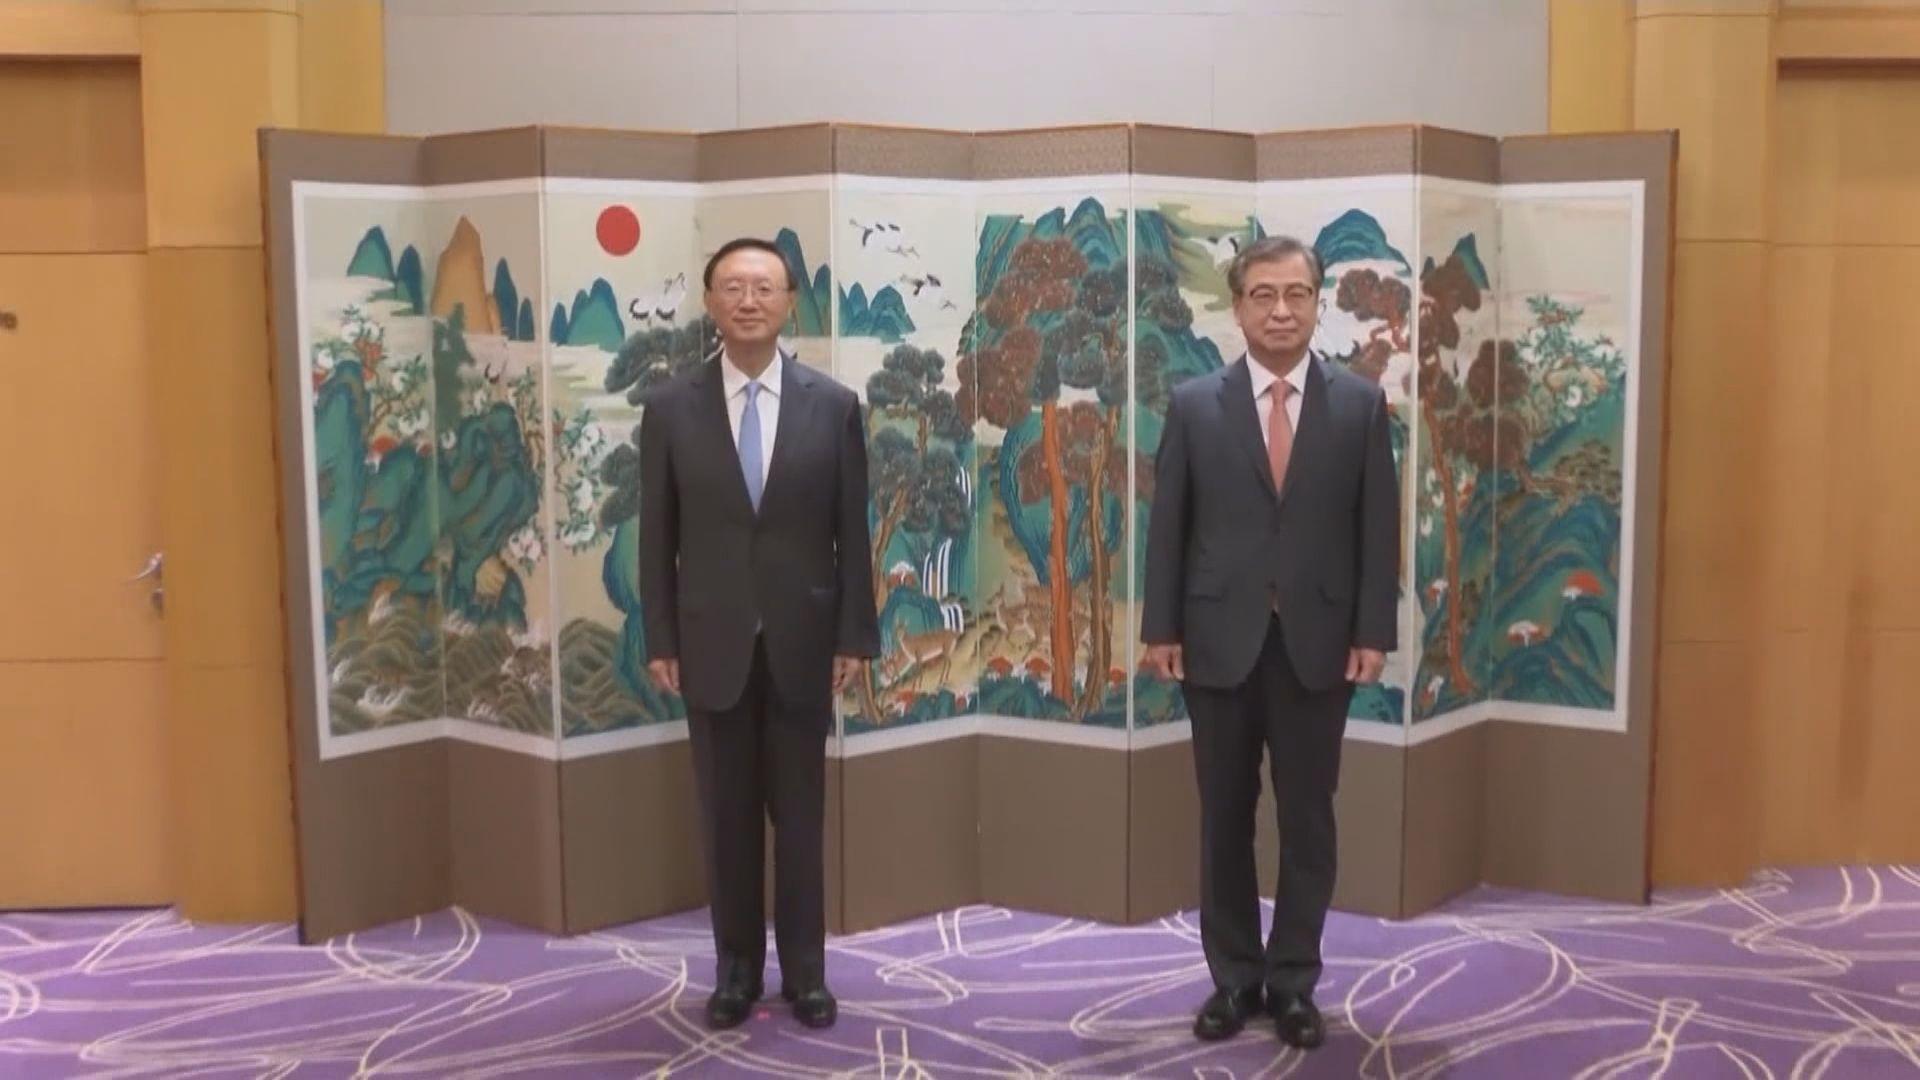 楊潔篪晤南韓官員 雙方商定疫情穩定後安排習近平訪韓